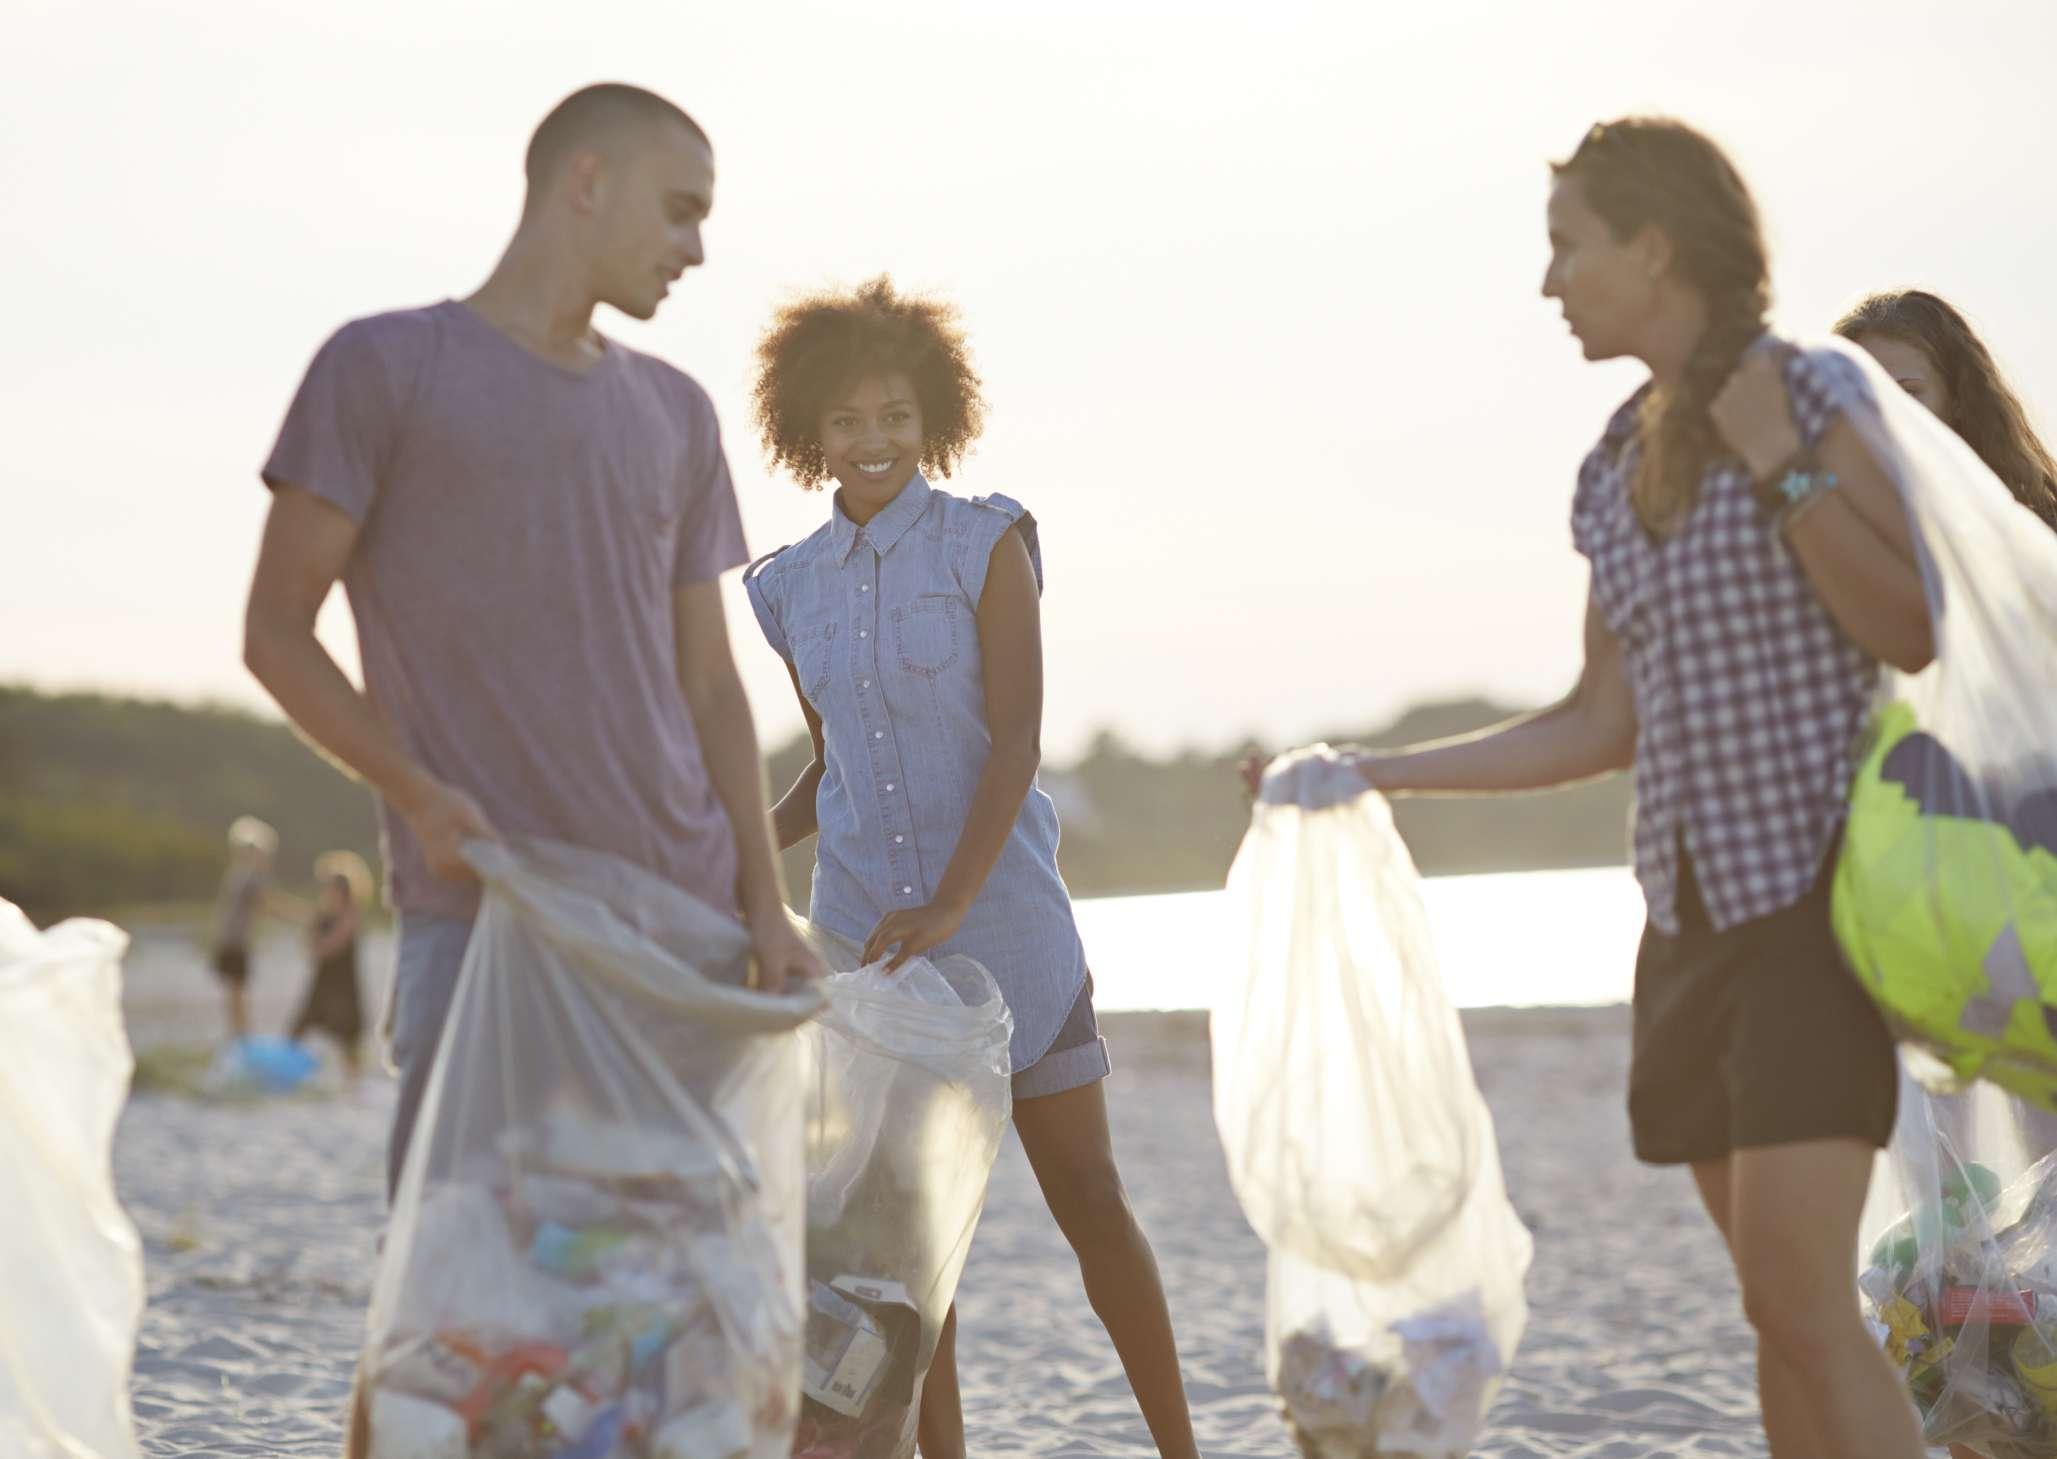 Volunteering on the beach